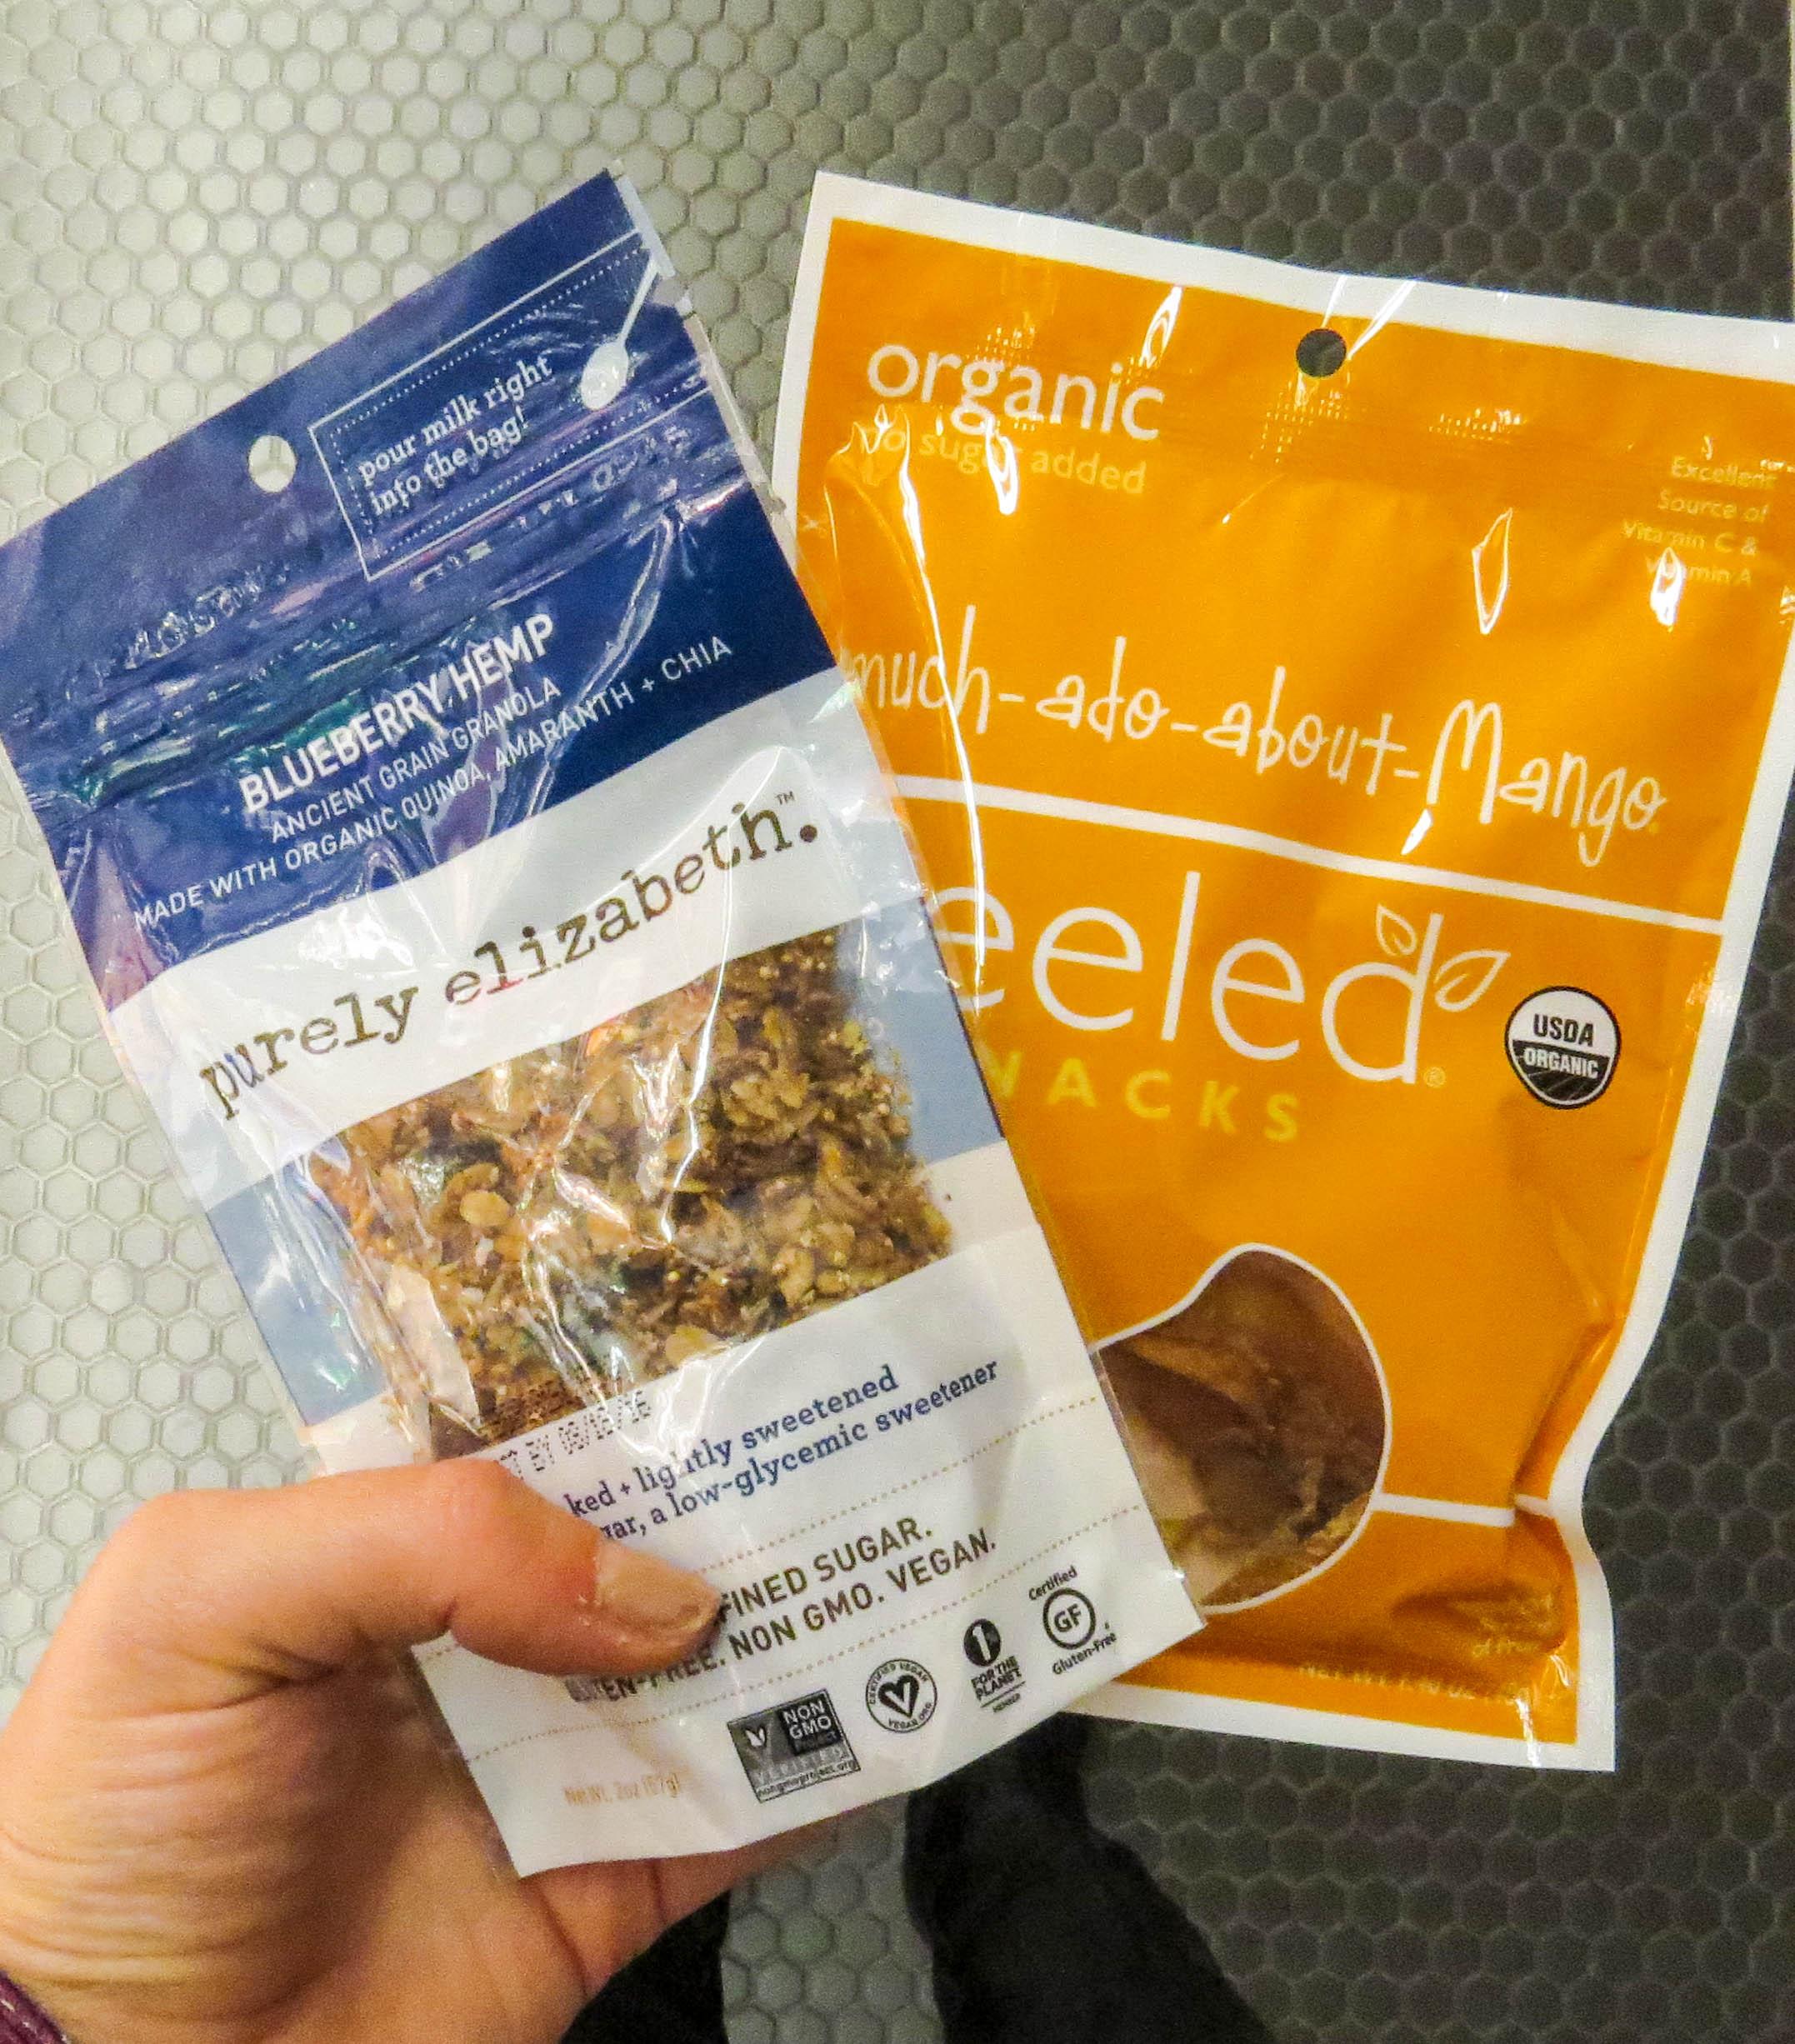 Healthy Eats at Reagan Washington Airport